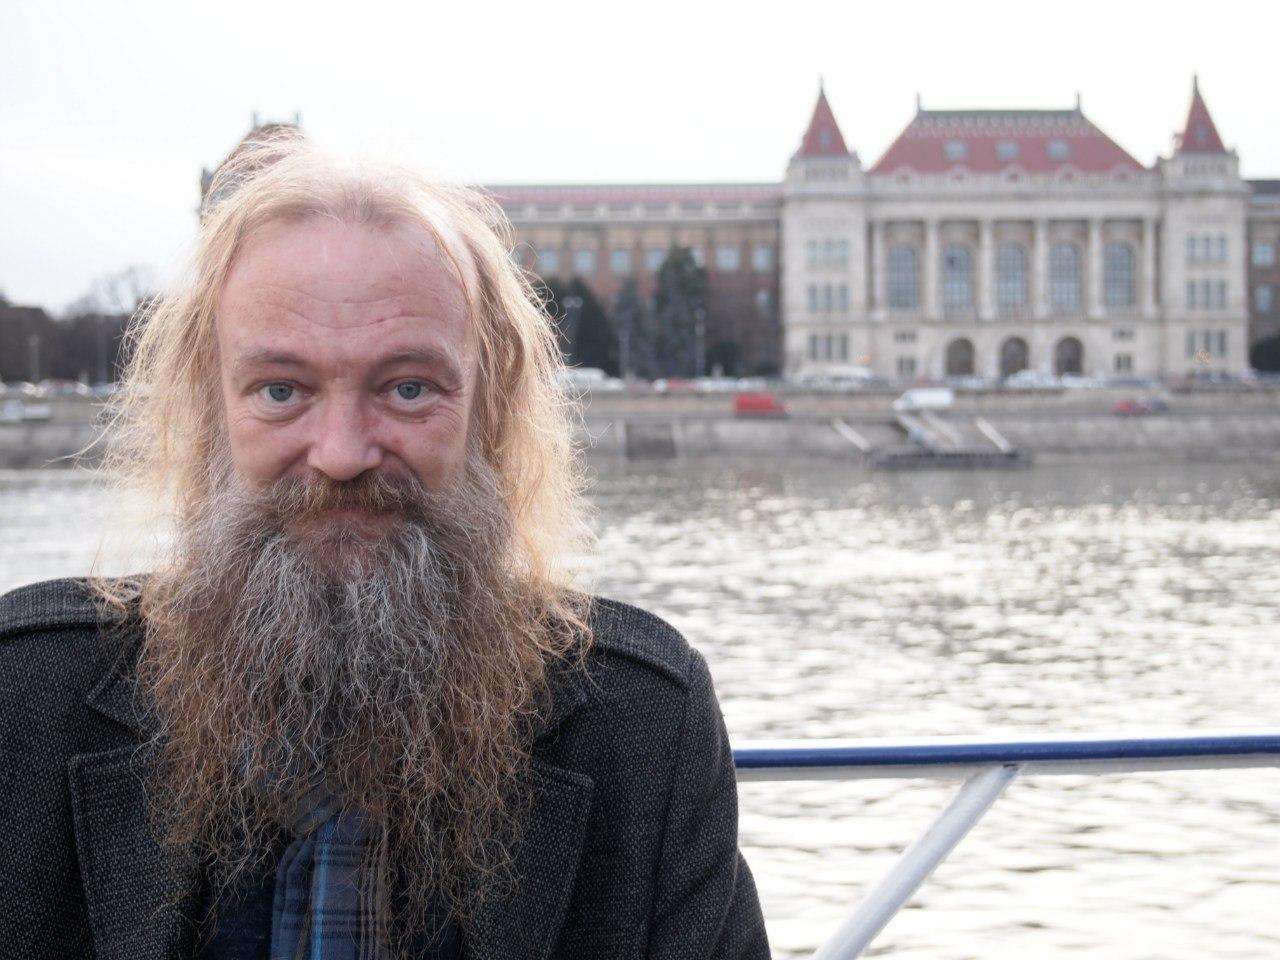 Участник программы «Своя игра» Андрей Жданов найден мертвым